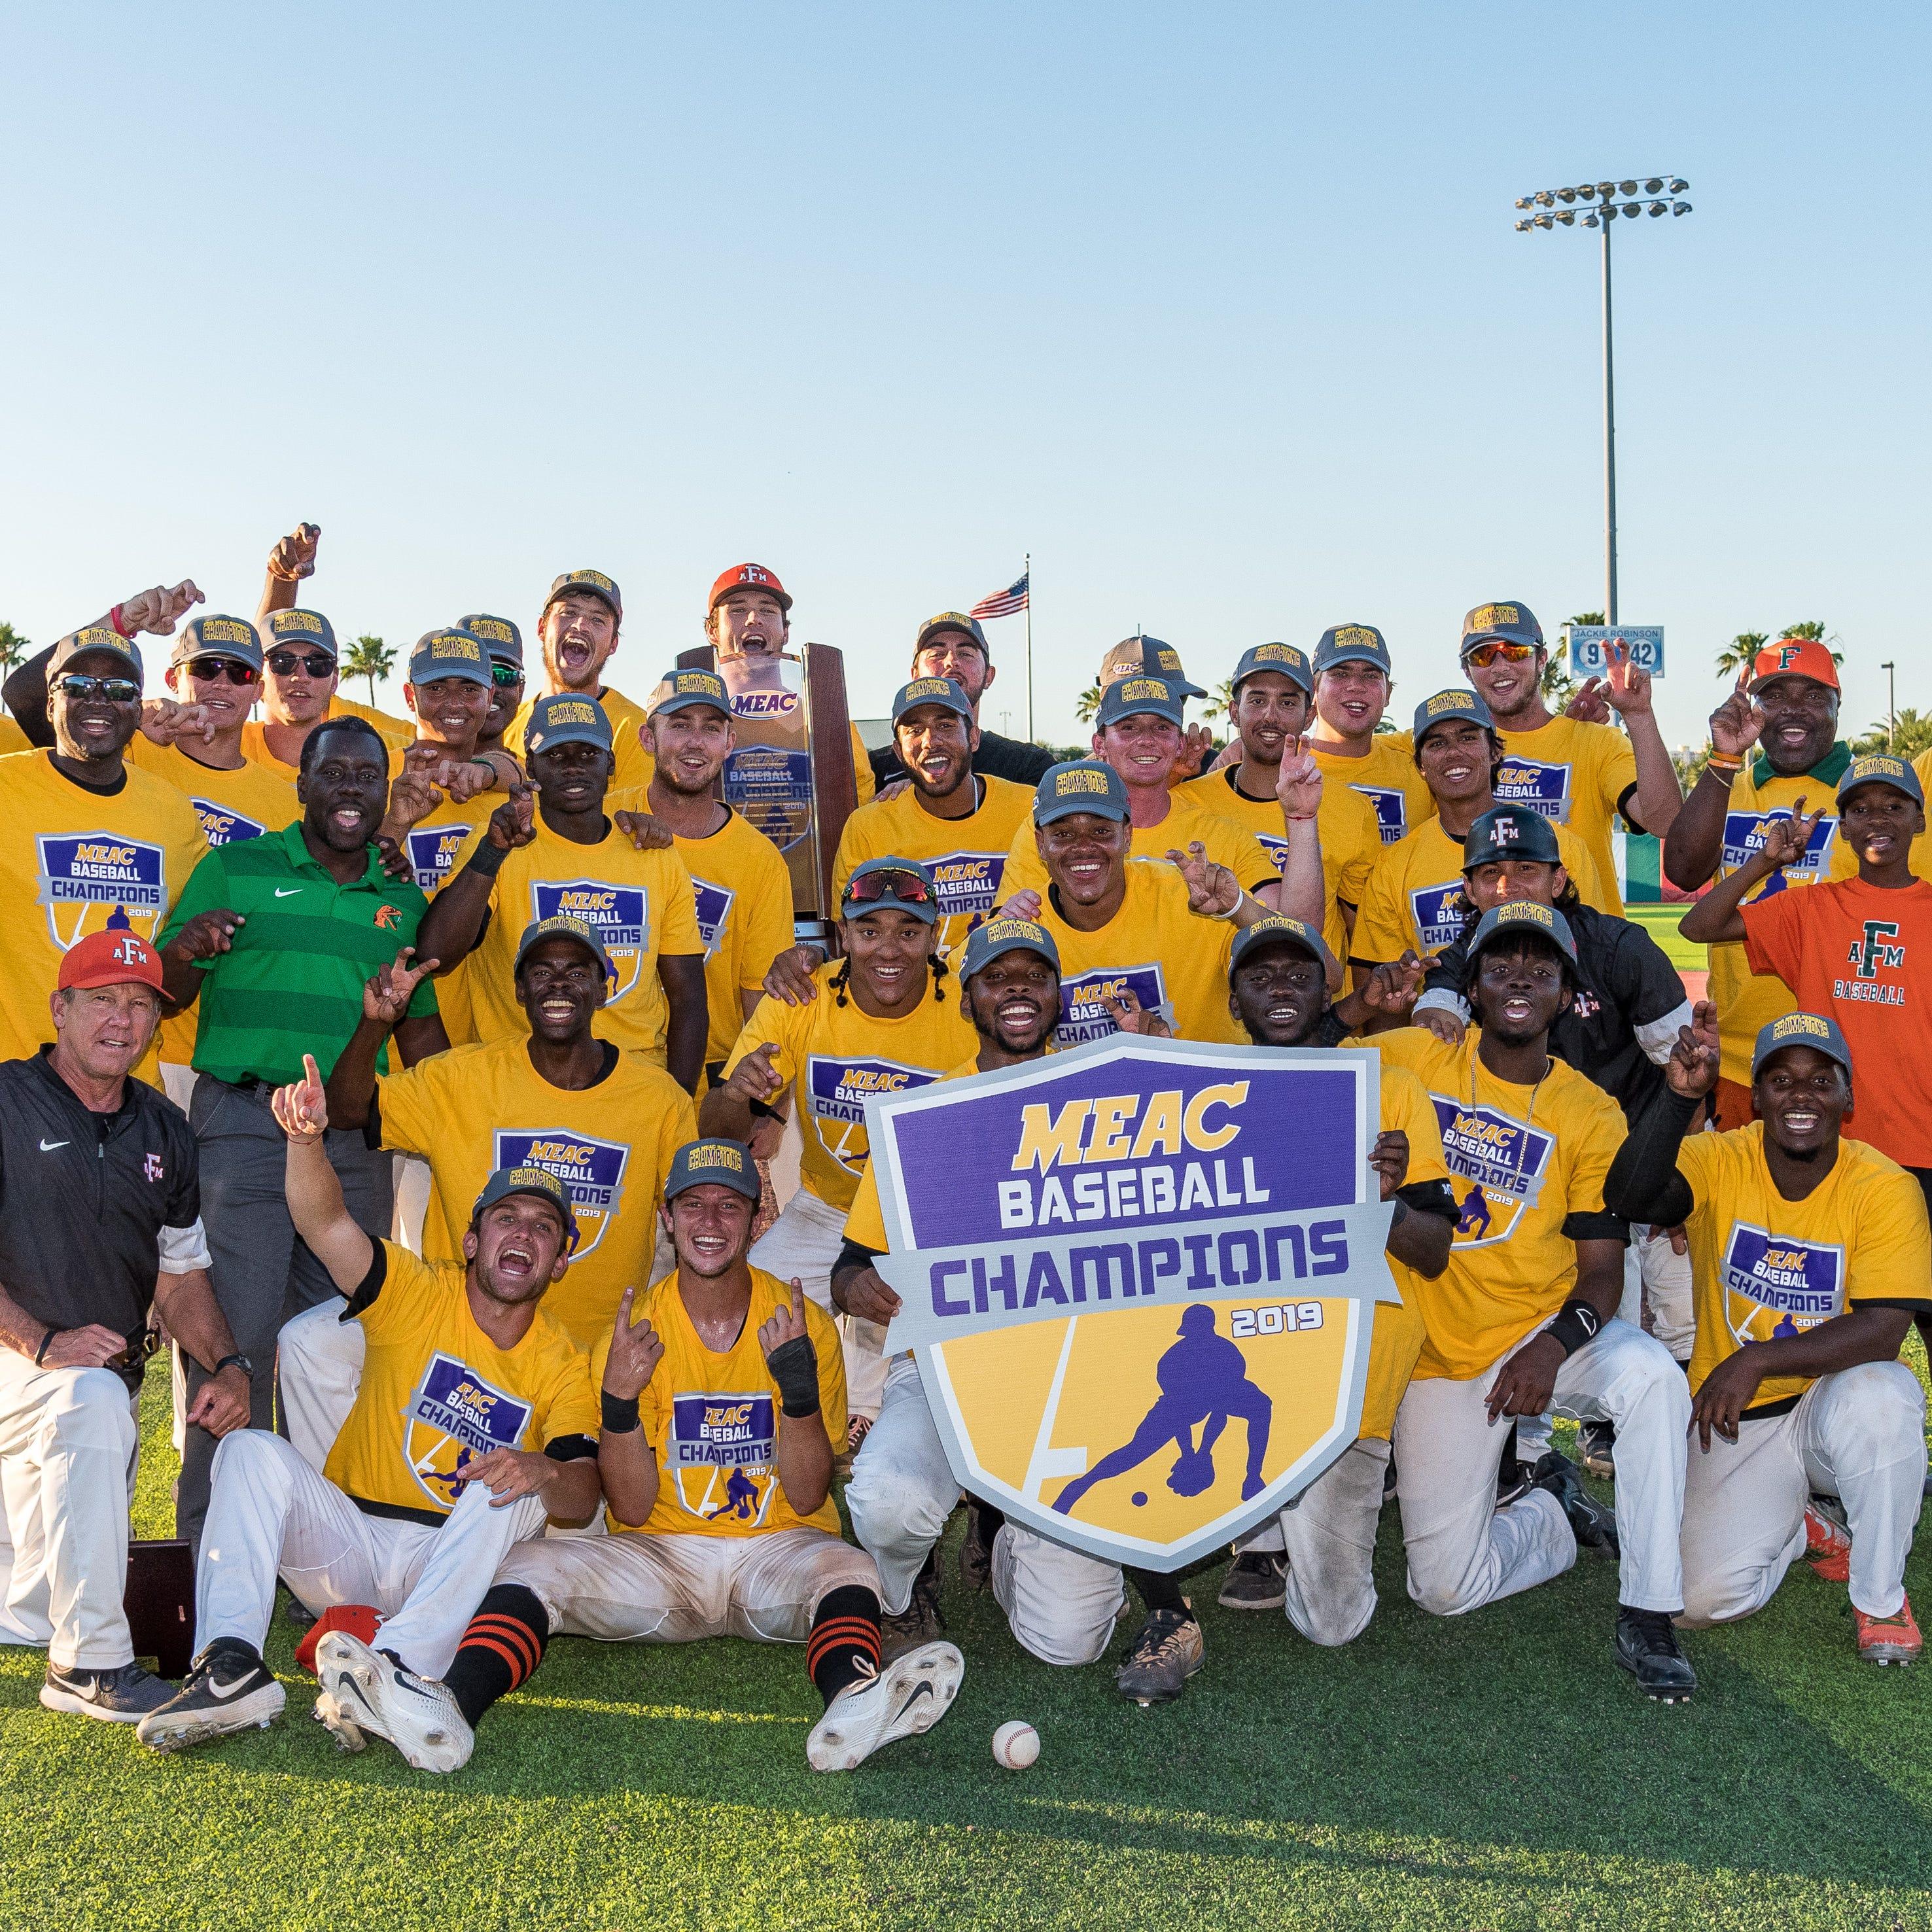 STRIKE: FAMU wins MEAC Baseball Championship